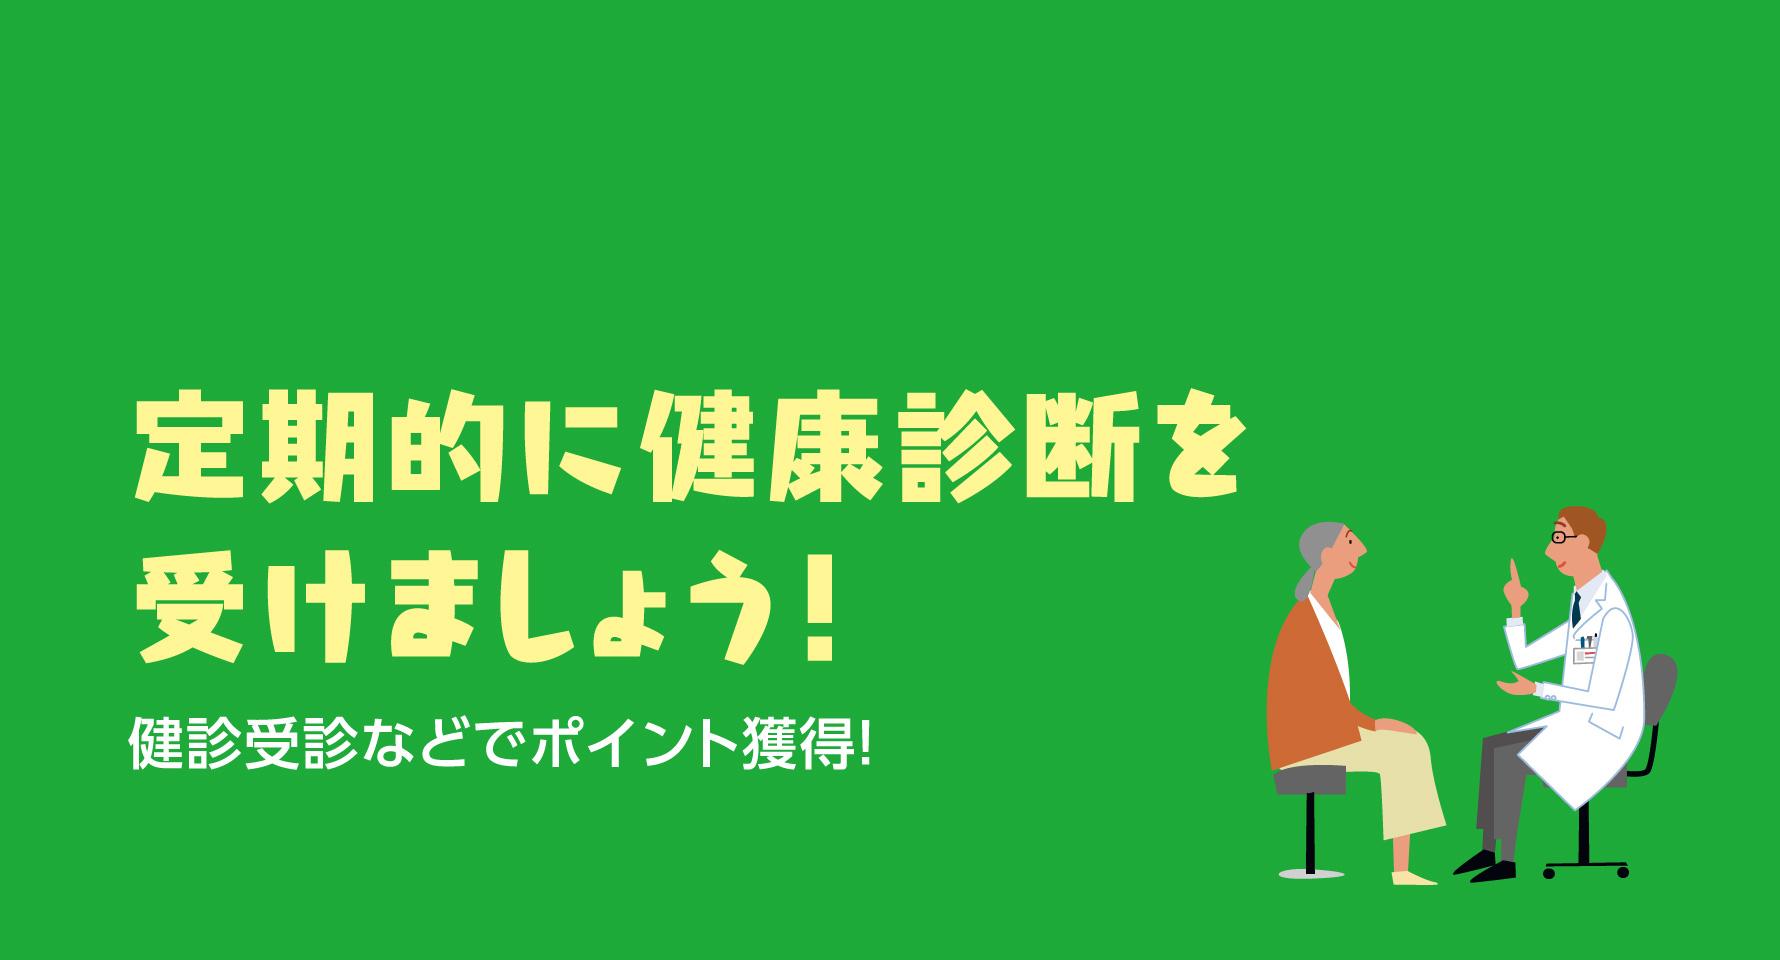 熊本健康アプリ もっと健康!げんき!アップ くまもと